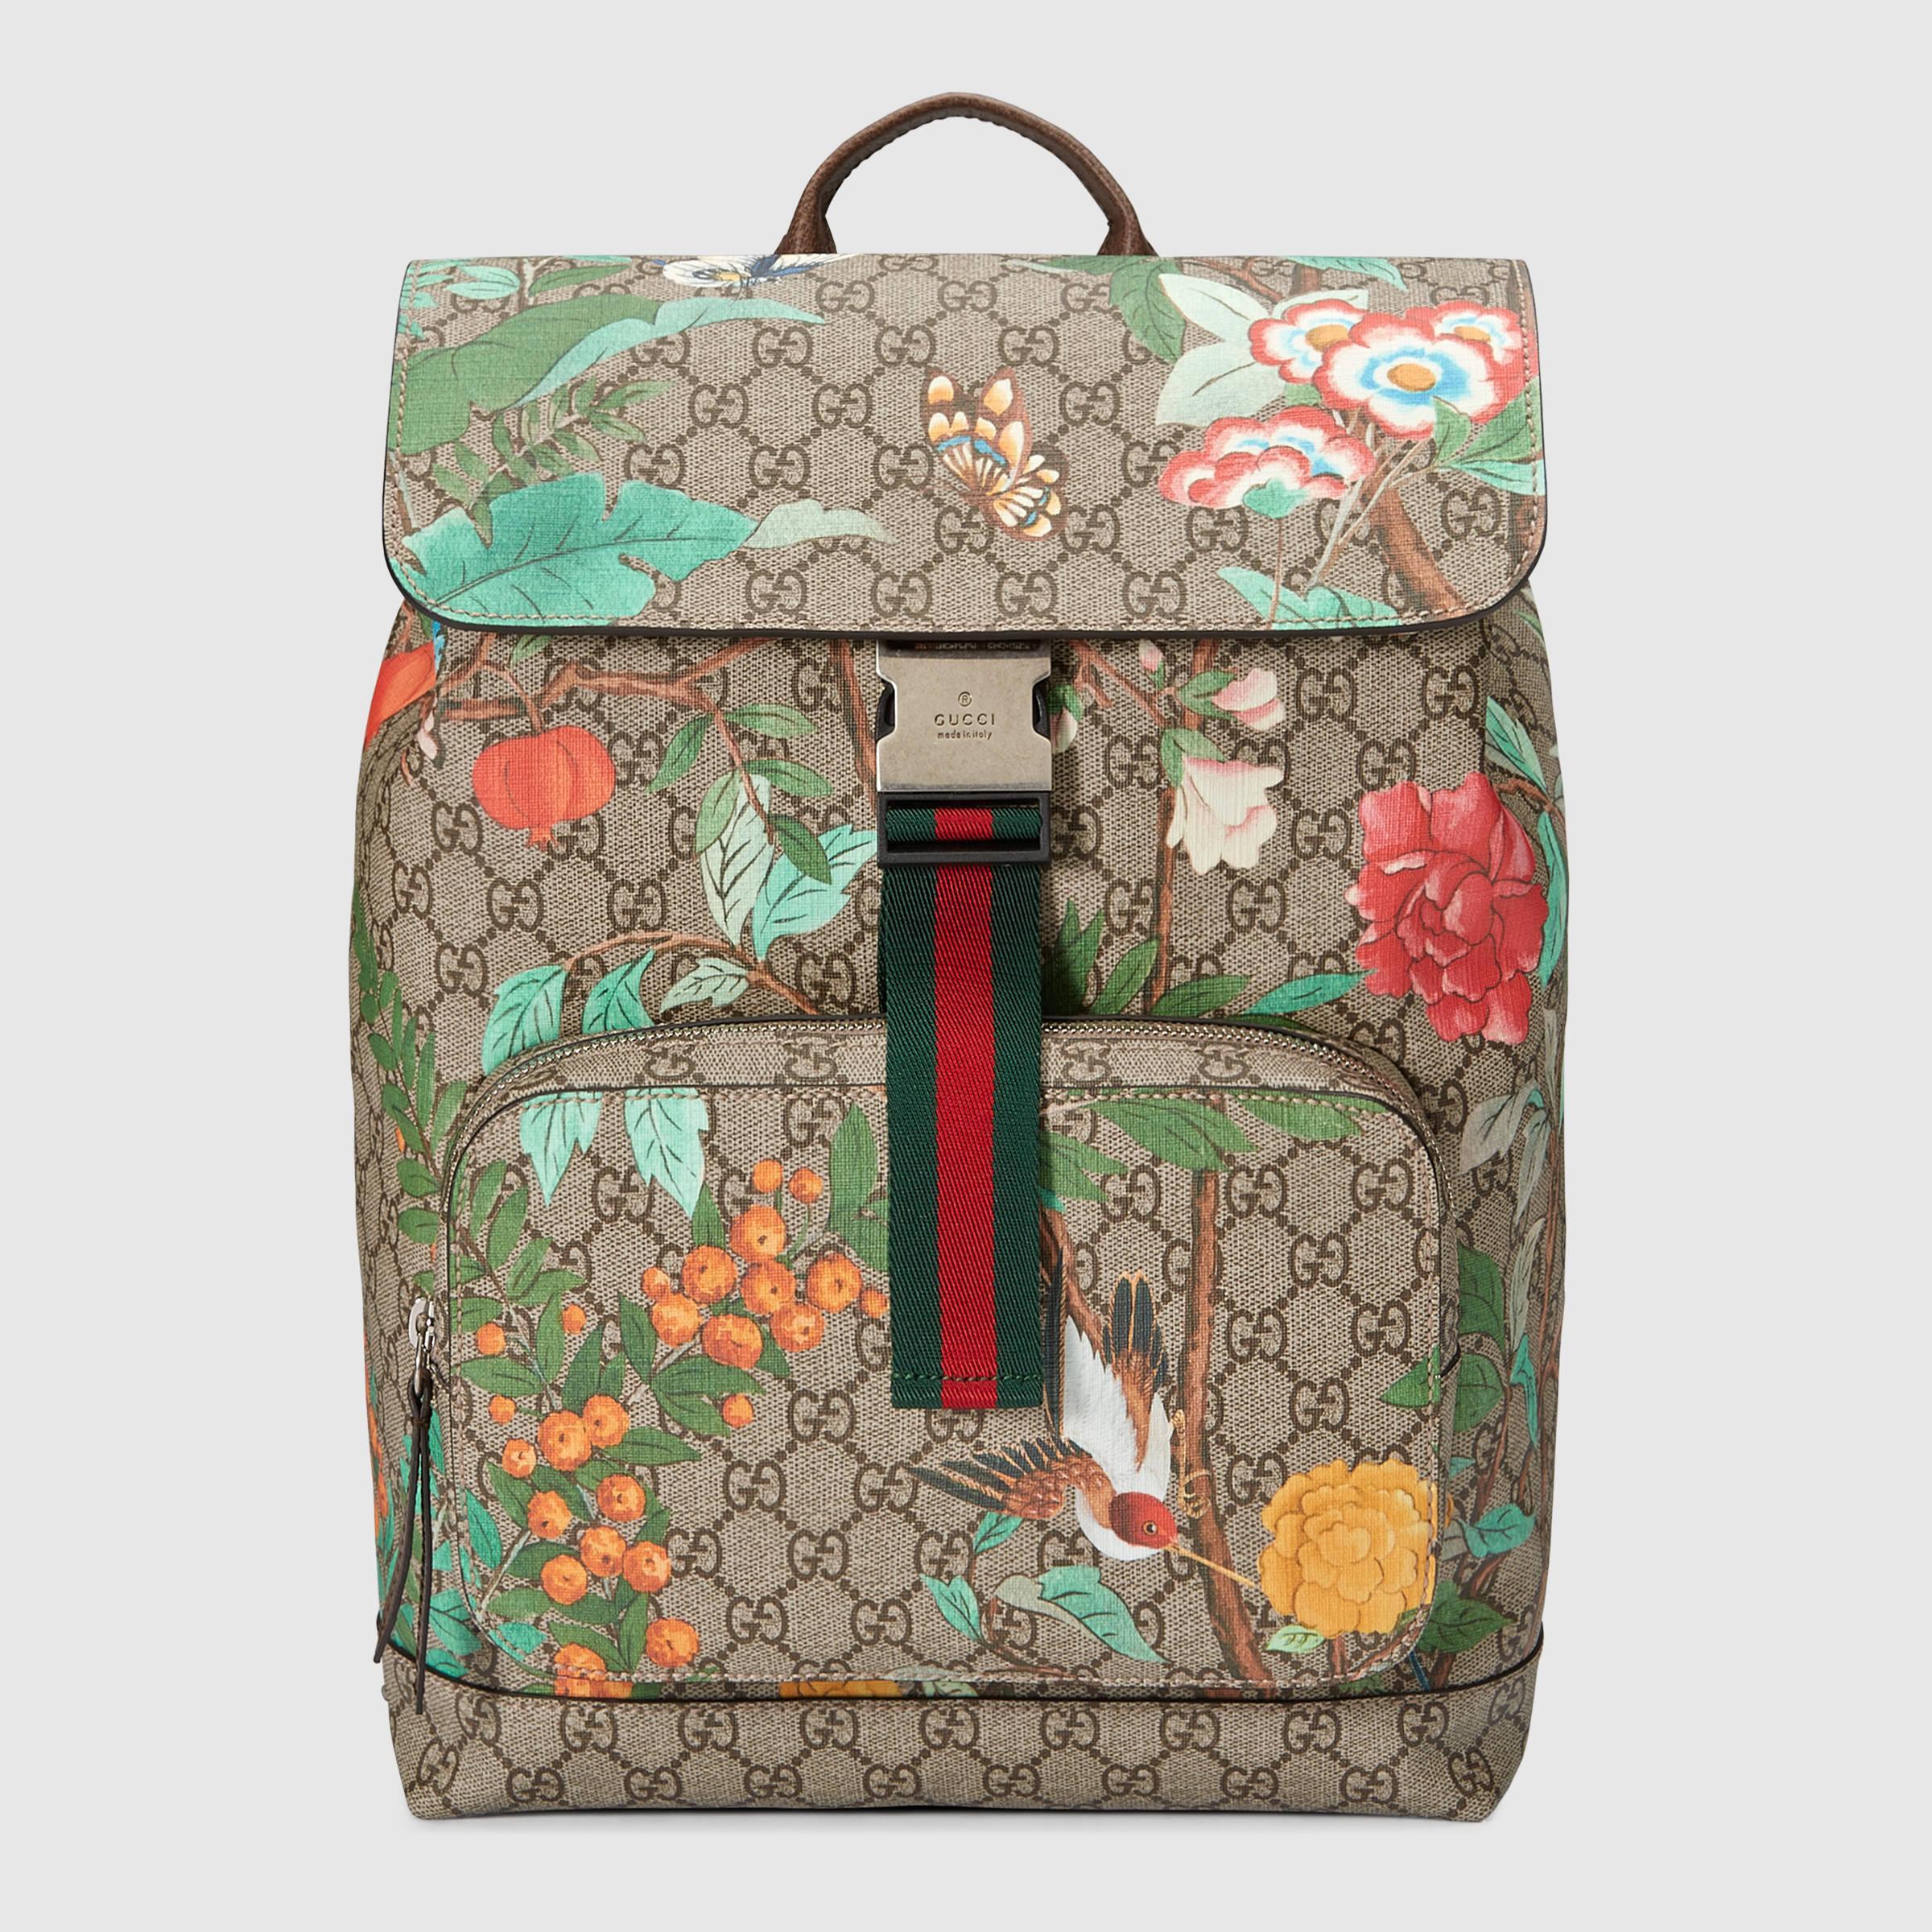 eb8fe4806a Gucci Women Women Gucci Tian bag Gucci